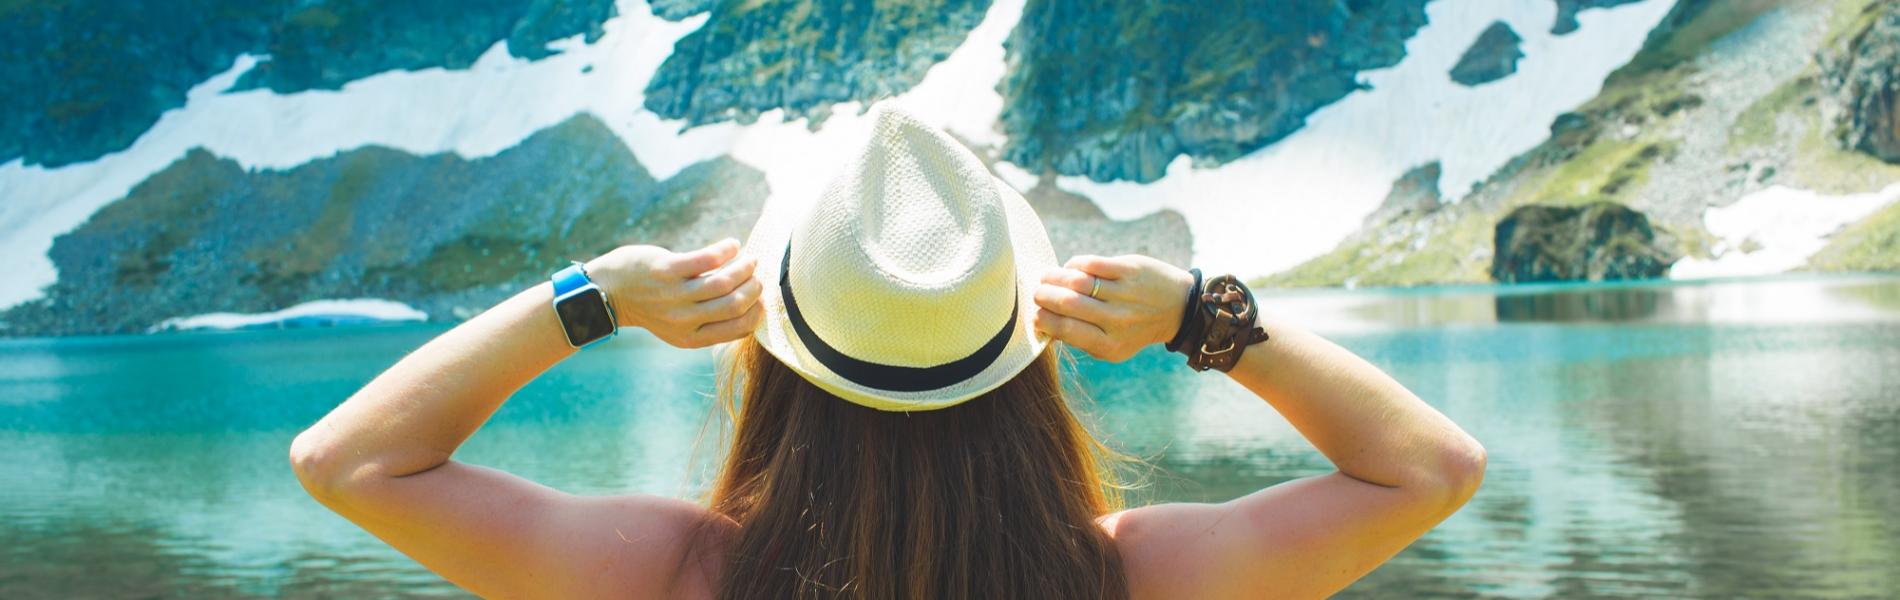 """לטייל לבד בחו""""ל: תוכנית 12 הצעדים למטיילת האמיצה"""